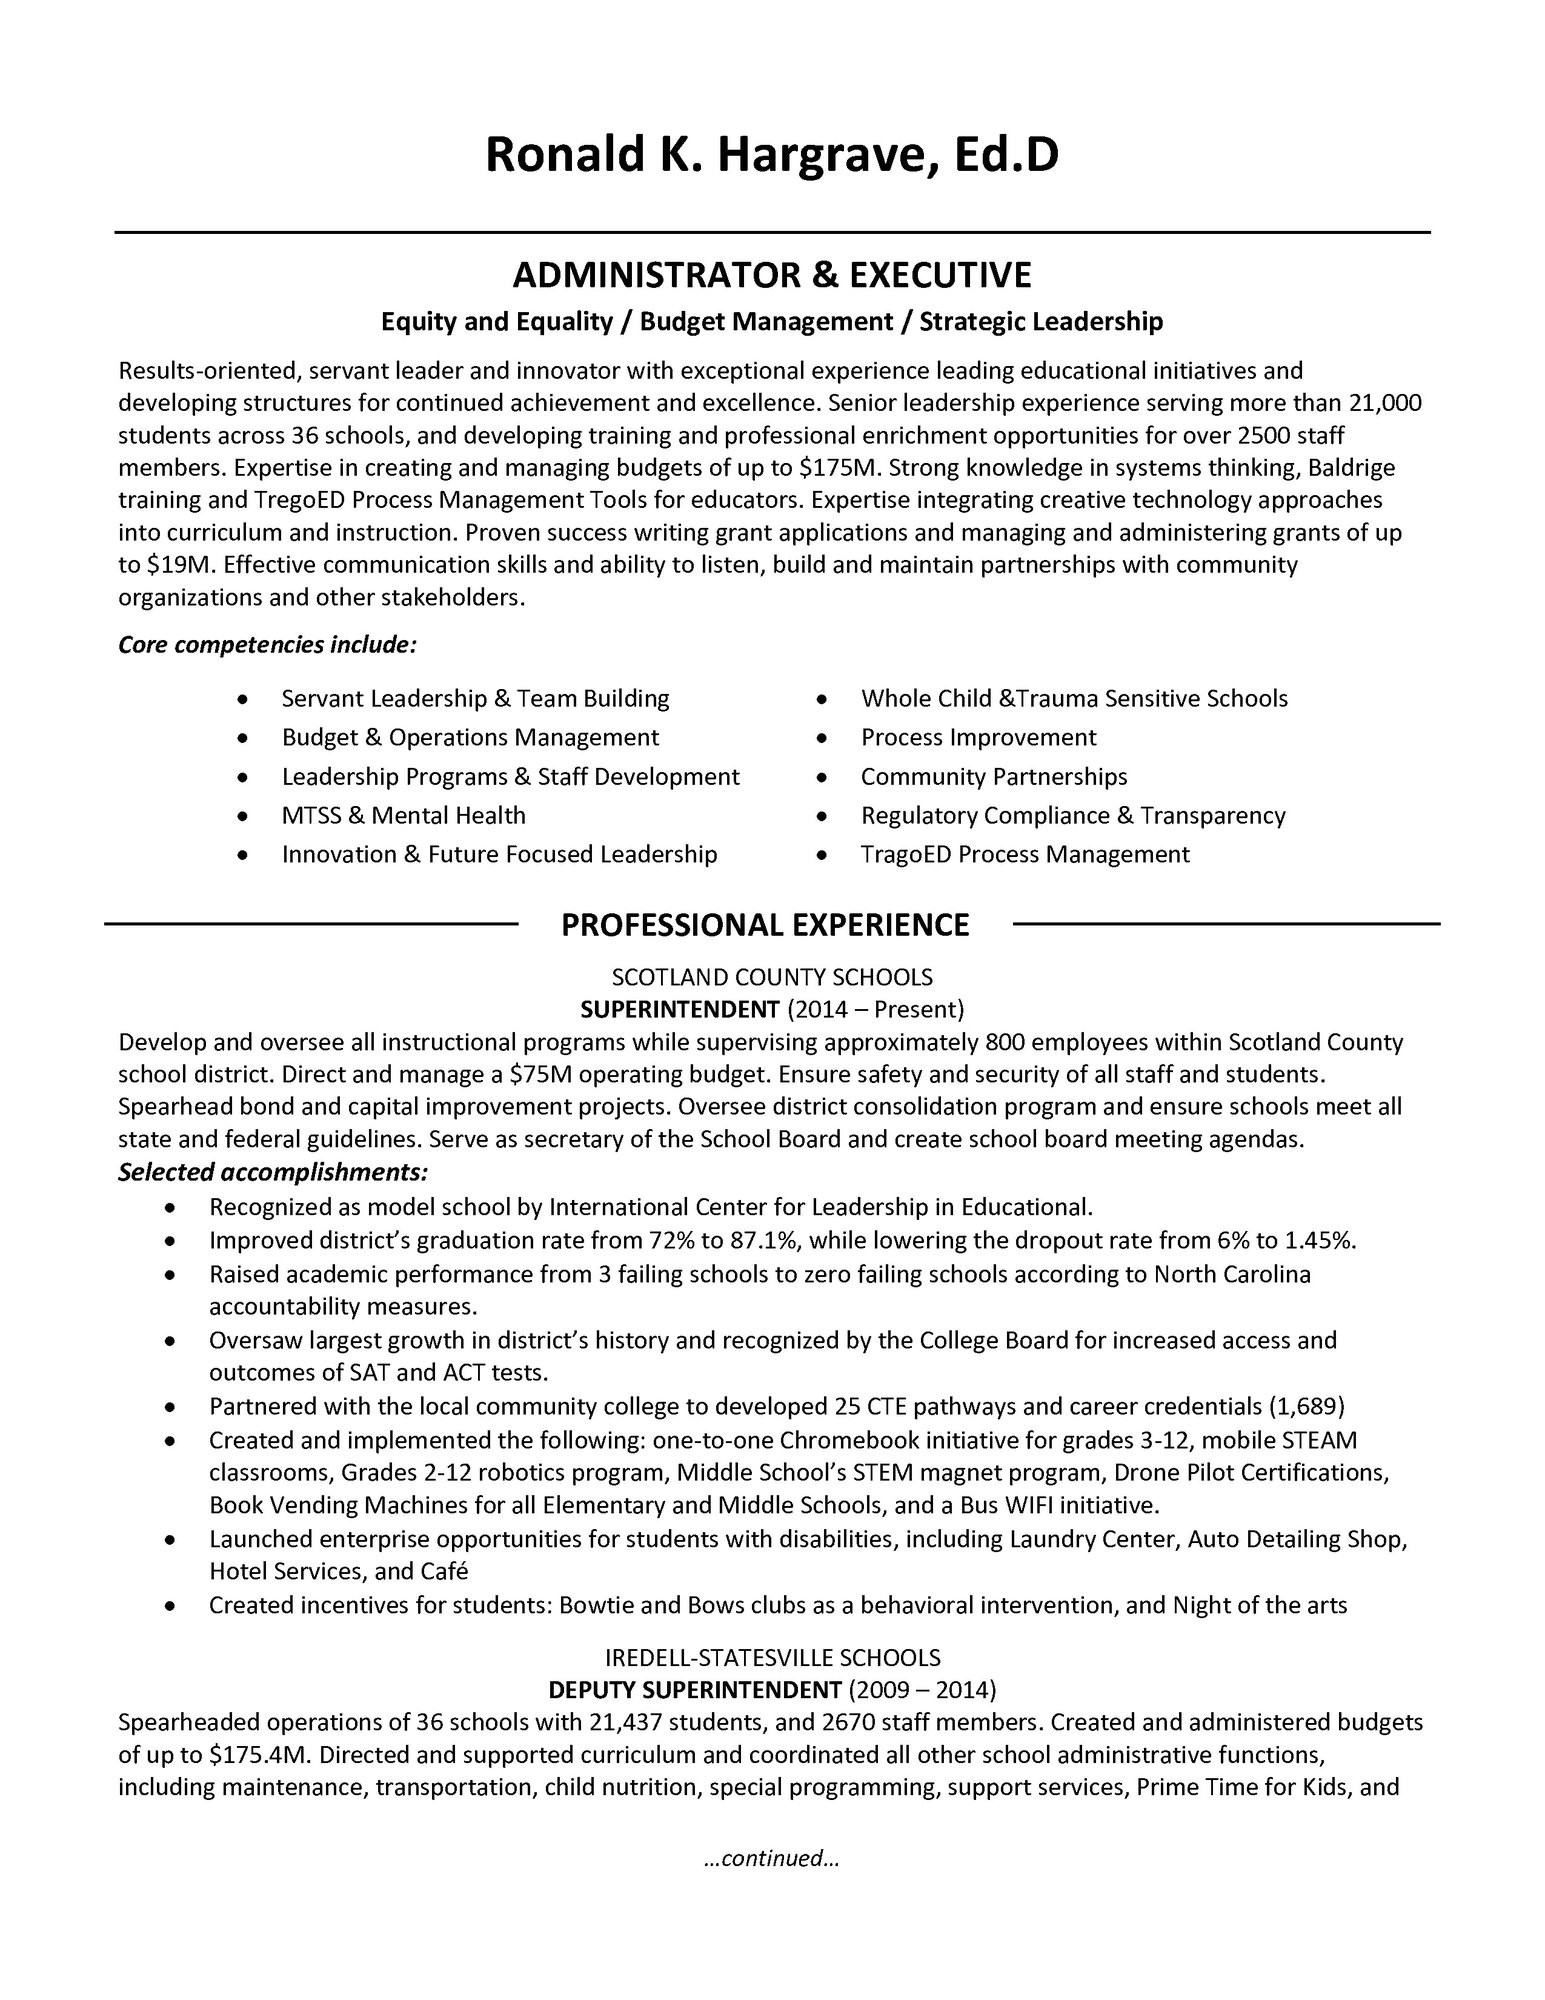 school district superintendent resumeml